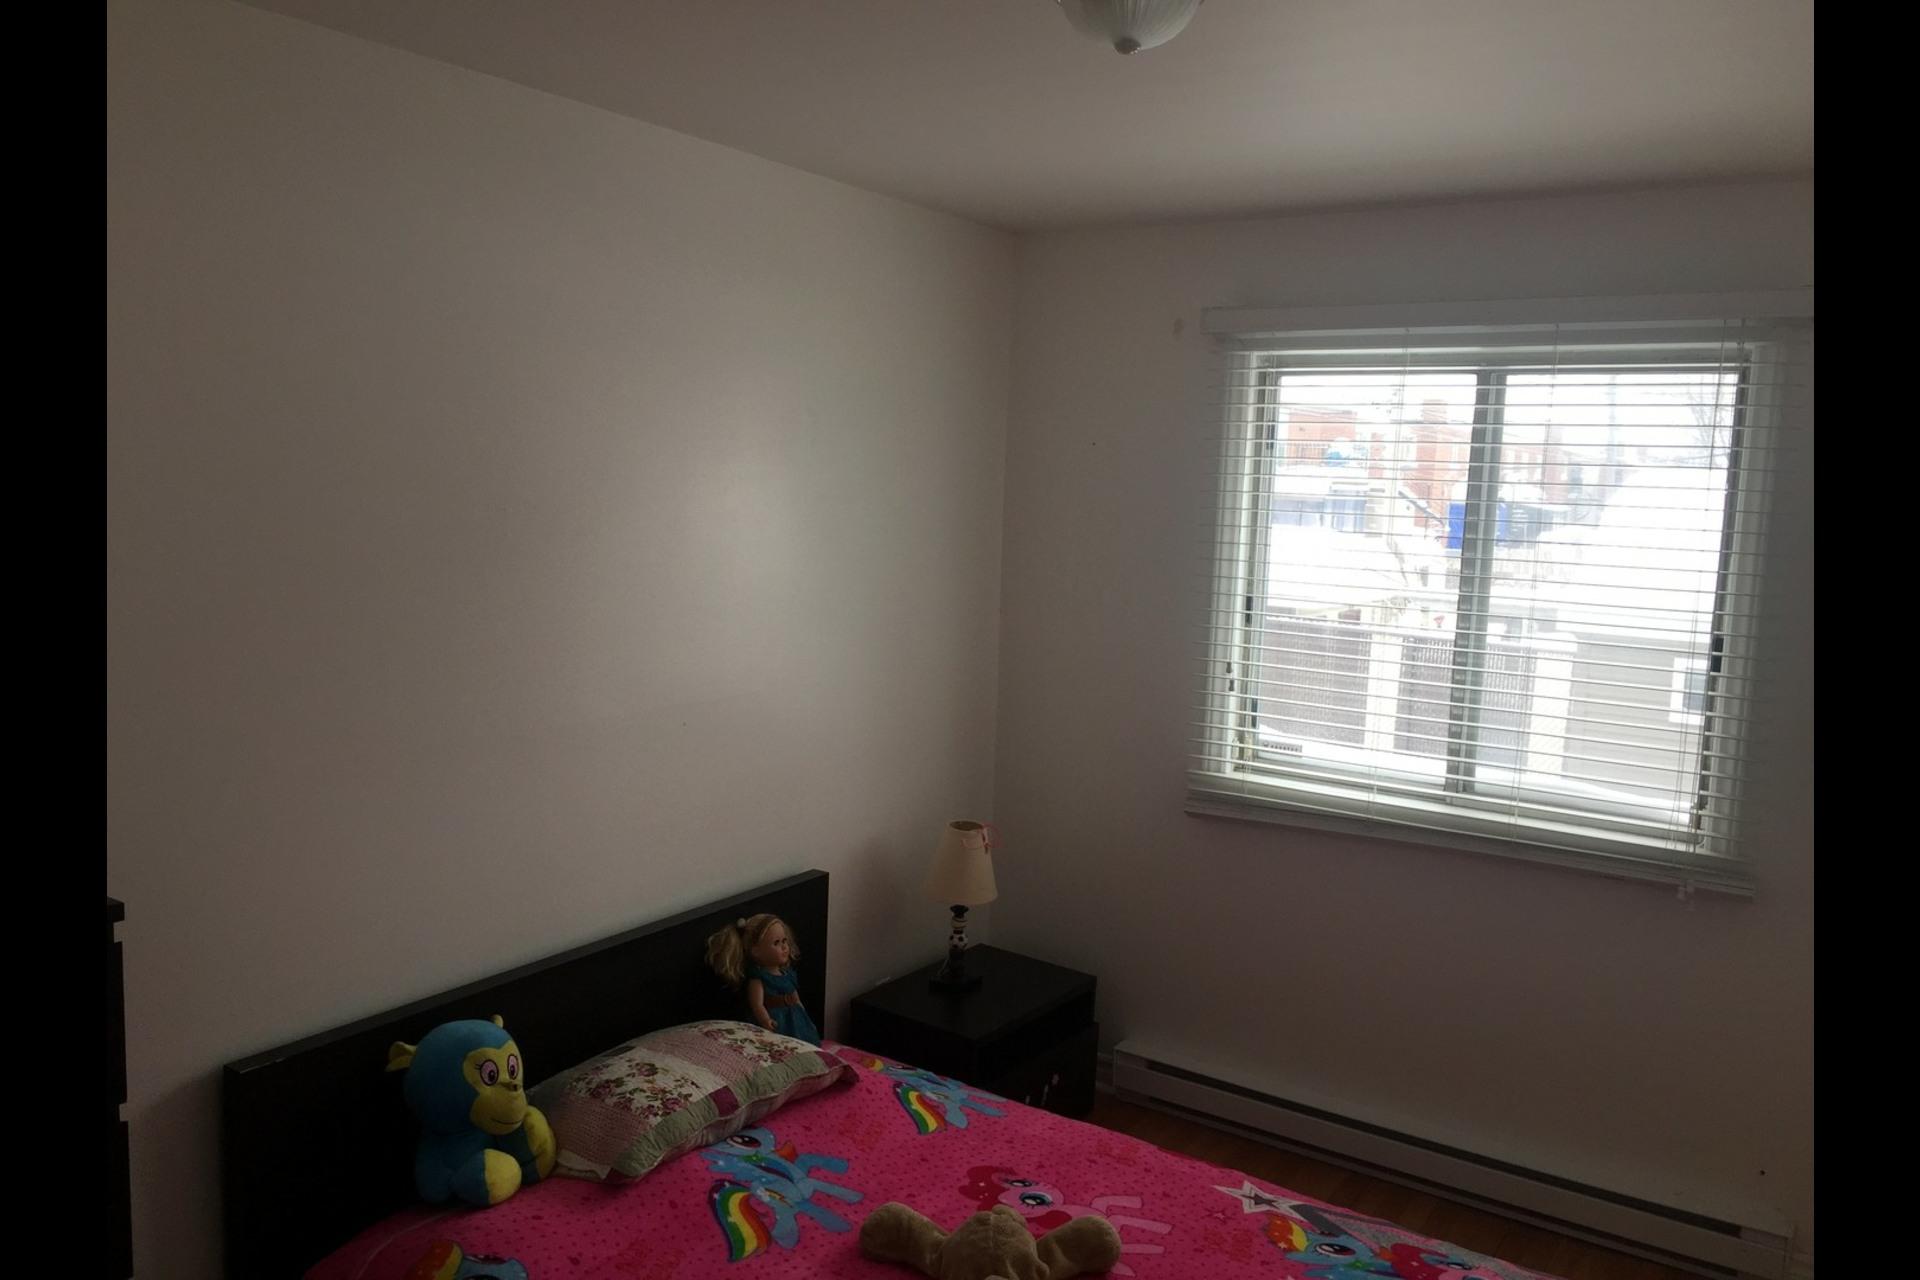 image 5 - Appartement À louer Montréal Montréal-Nord - 5 pièces